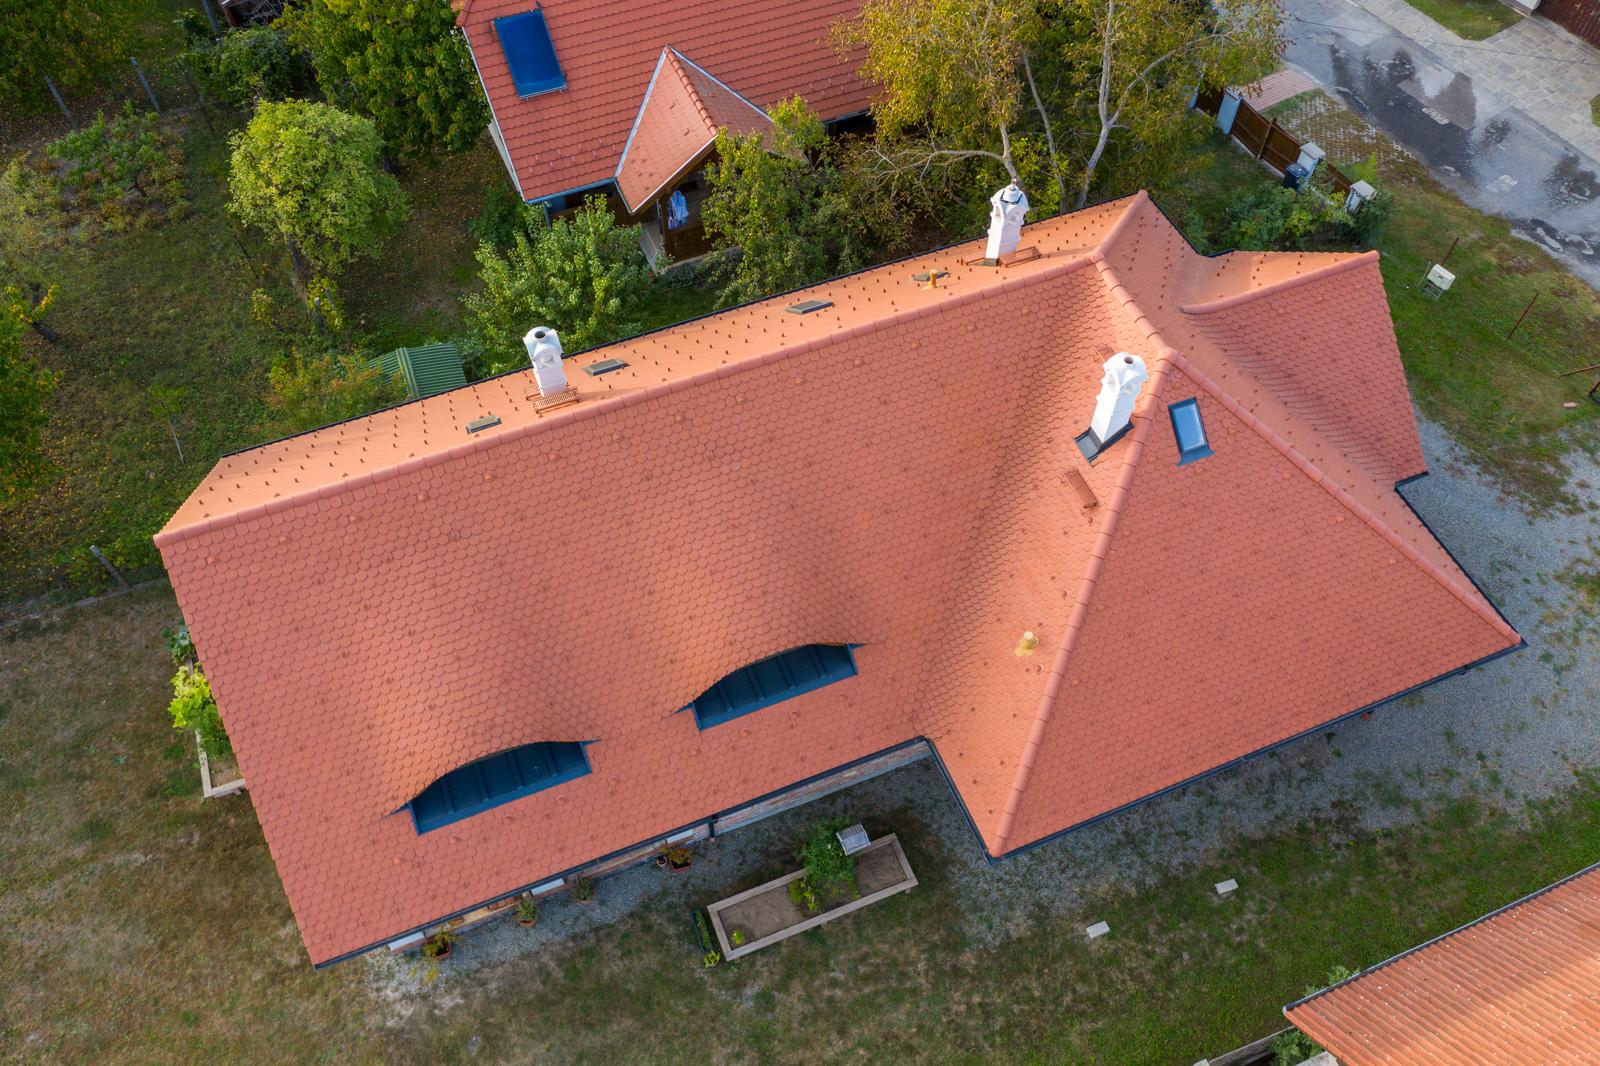 Letecký pohľad na rodinný dom s červenou strechou